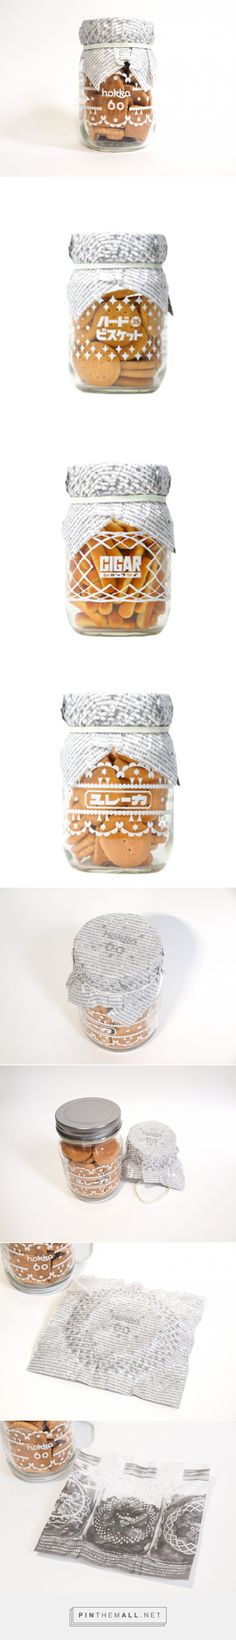 金沢の老舗お菓子やさんが作る 瓶がかわいいビスケット「hokka60」  –  Kawacolle かわいいデザインのコレクションサイト. Cookies I think PD